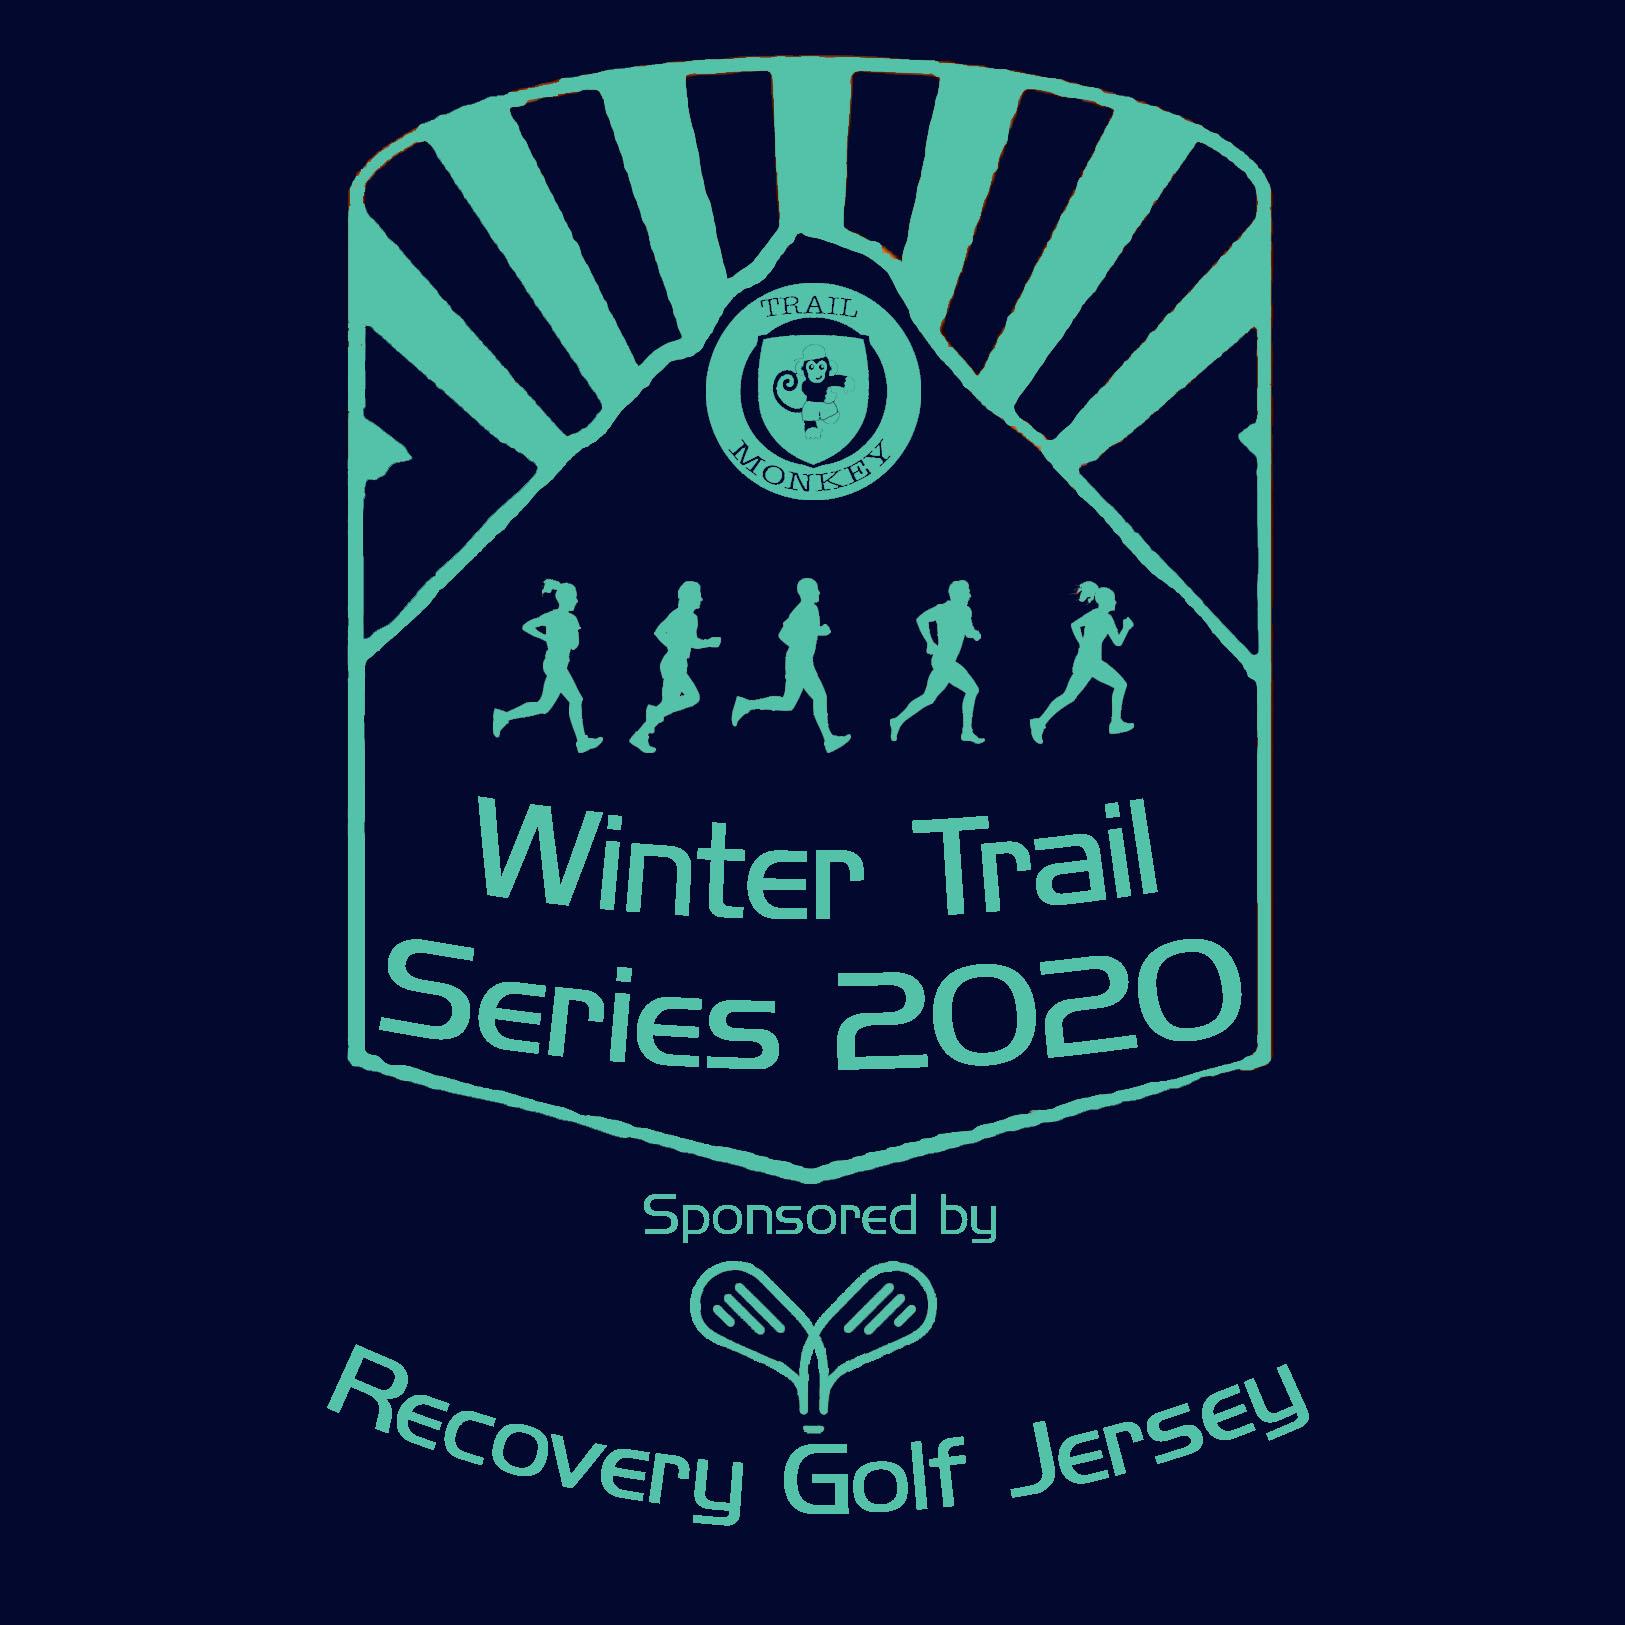 Winter_Trail_Series_2020v3